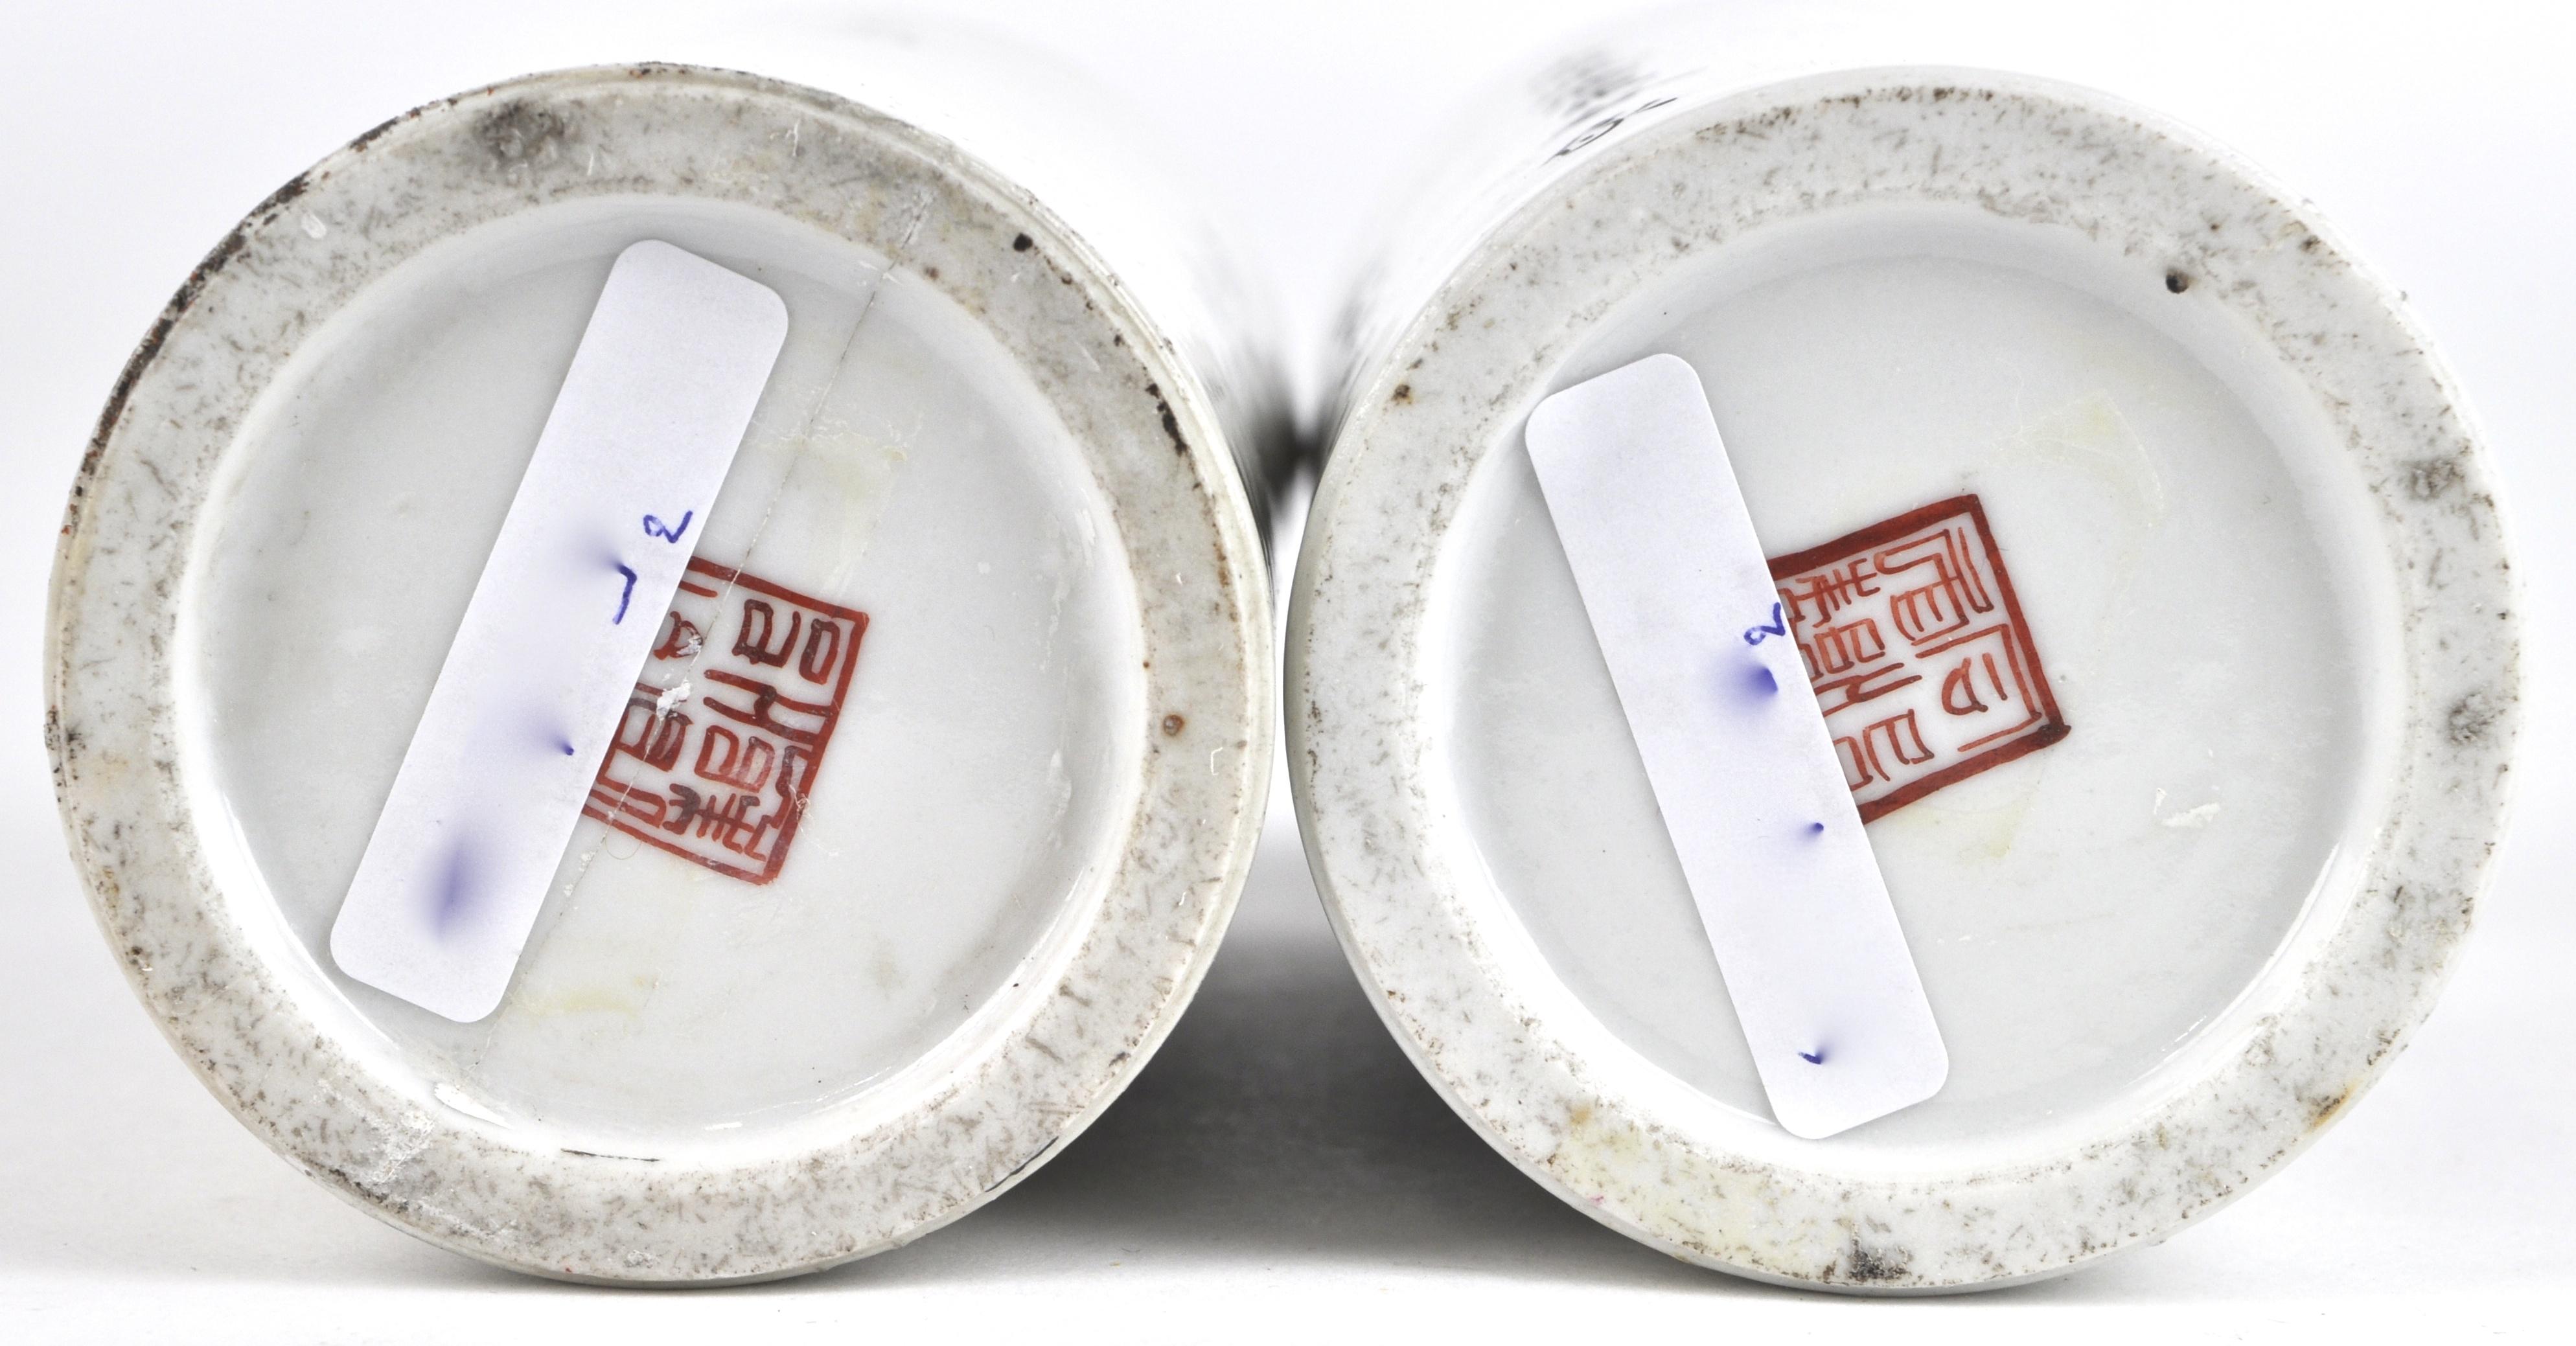 Chinees Porselein Merktekens Japans Porselein.Een Paar Penseelkokers Van Chinees Porselein Versierd Met Een